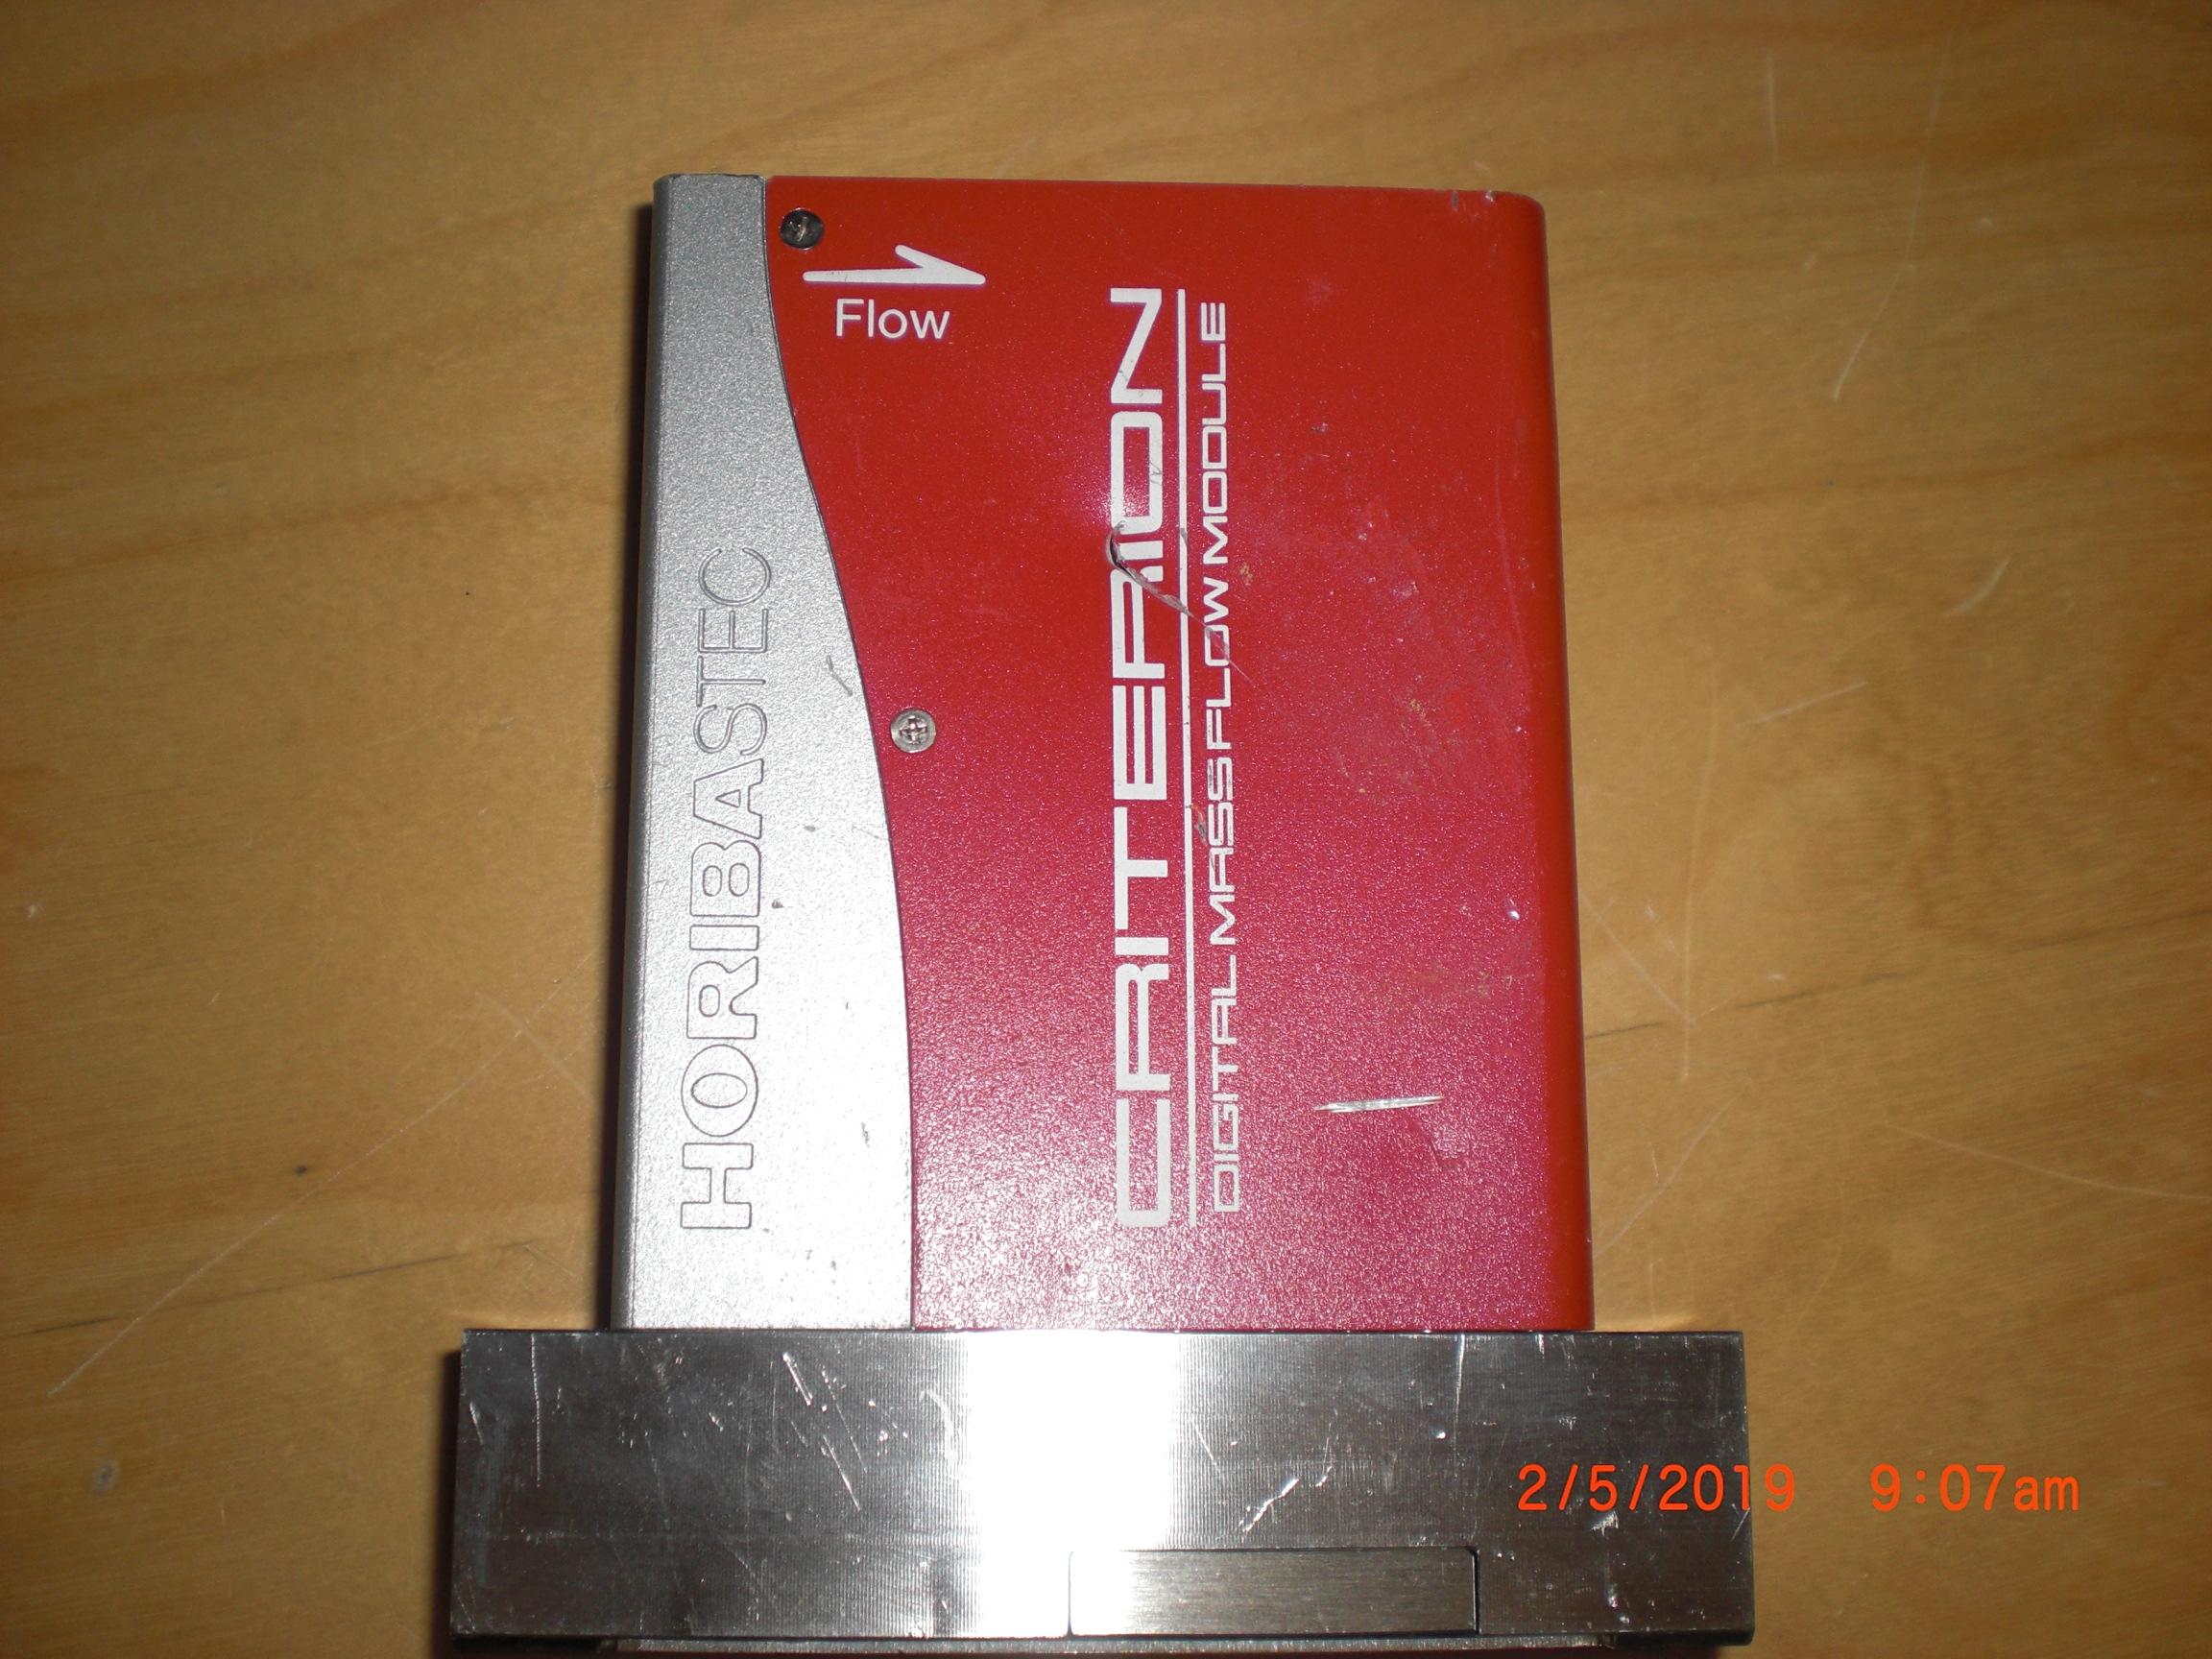 MFC HOREBIA / STEC D213-SCT-Cl2-200sccm LAM Reasearch (LAM) 788-170019-200